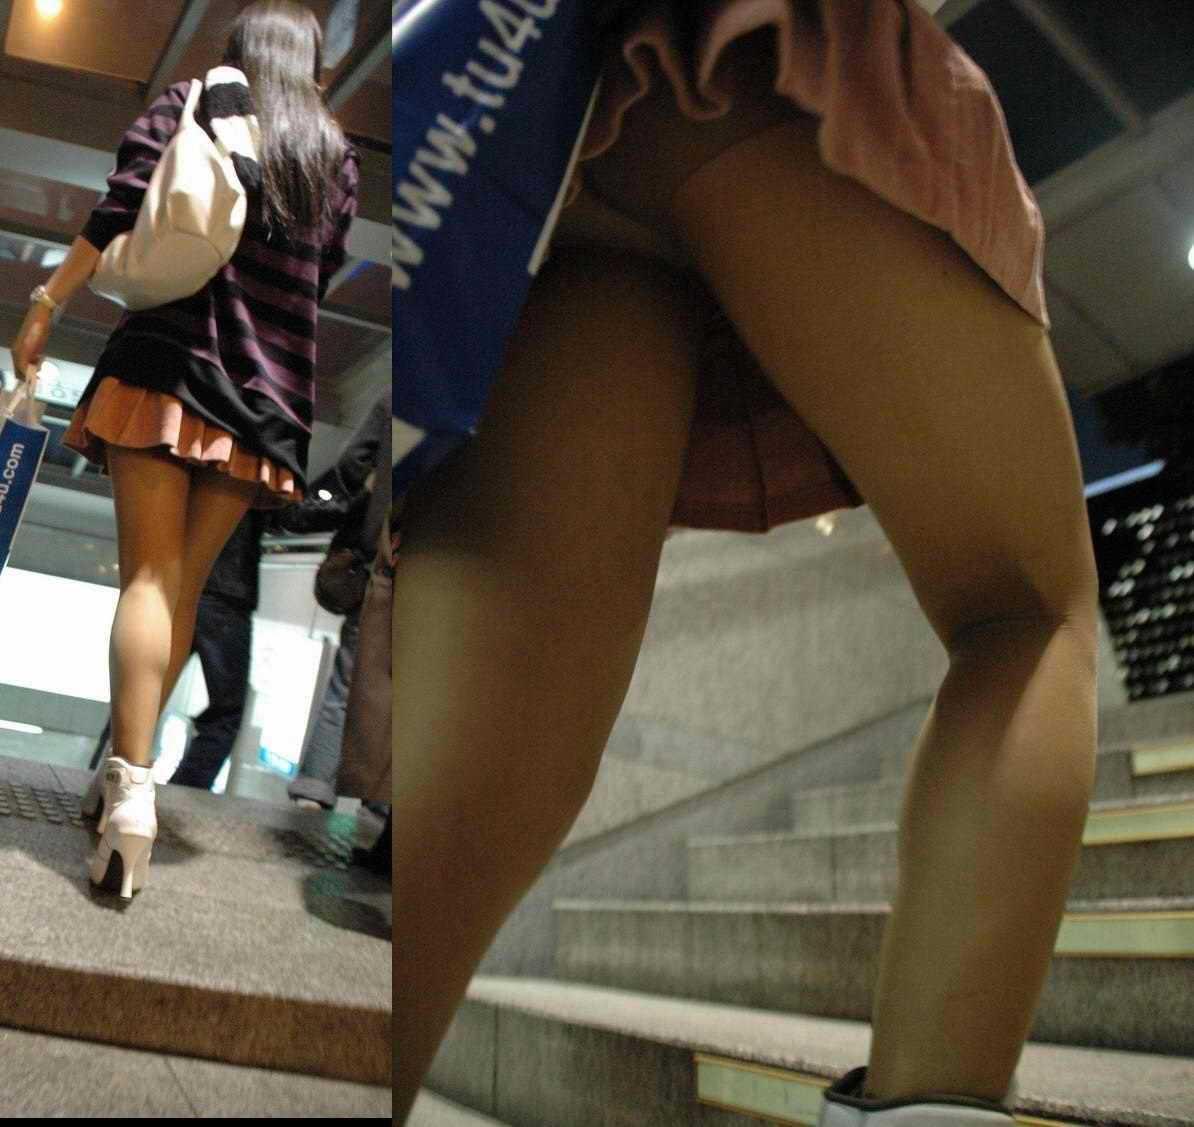 階段でパンチラしてる (9)